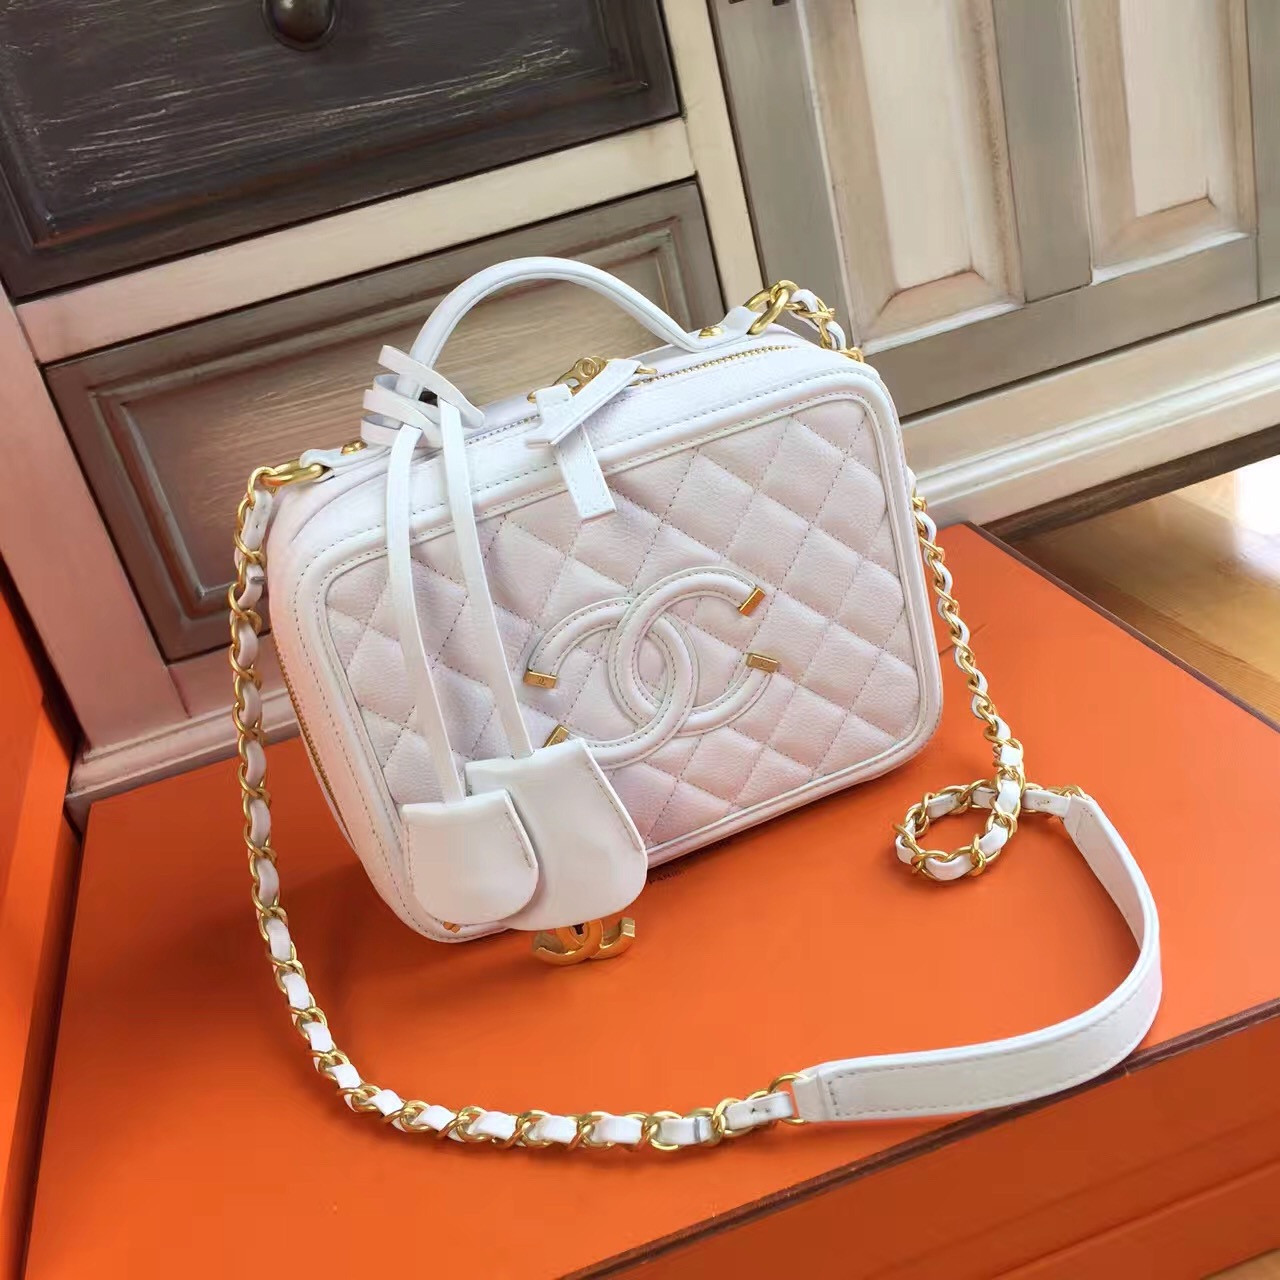 277c63571d8e CHANEL Medium Vanity Case Grained Calfskin White